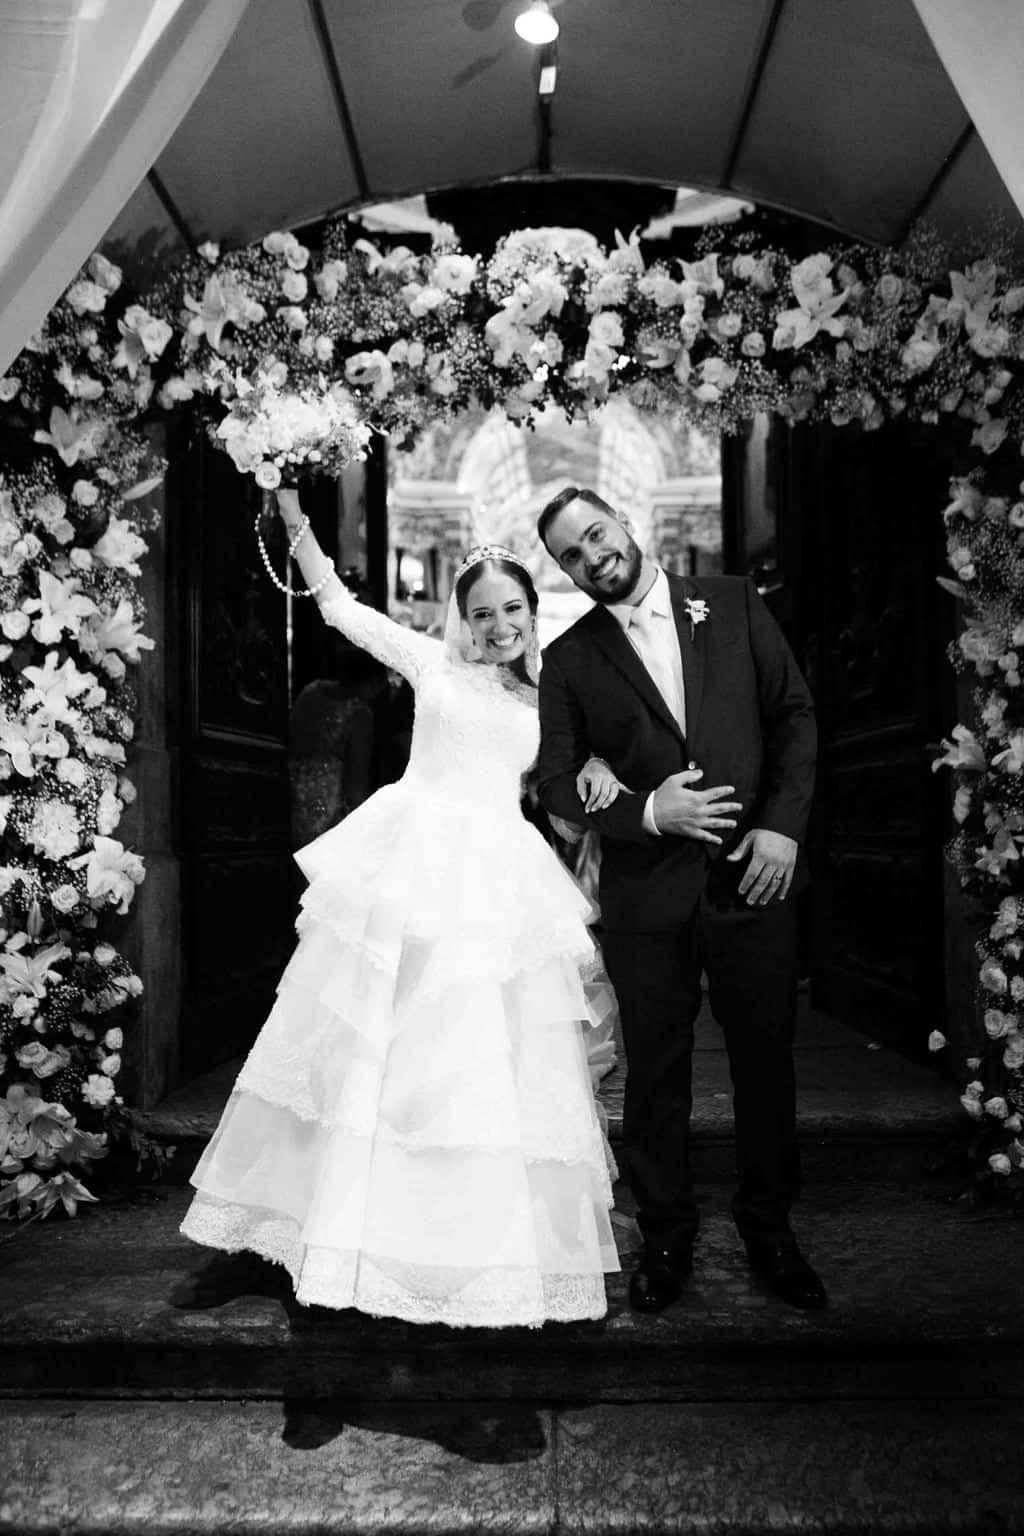 Casamento-Clássico-Casamento-tradicional-Cerimônia-Copacabana-Palace-Monica-Roias-Ribas-Foto-e-Vídeo-Tuanny-e-Bernardo-CaseMe-23